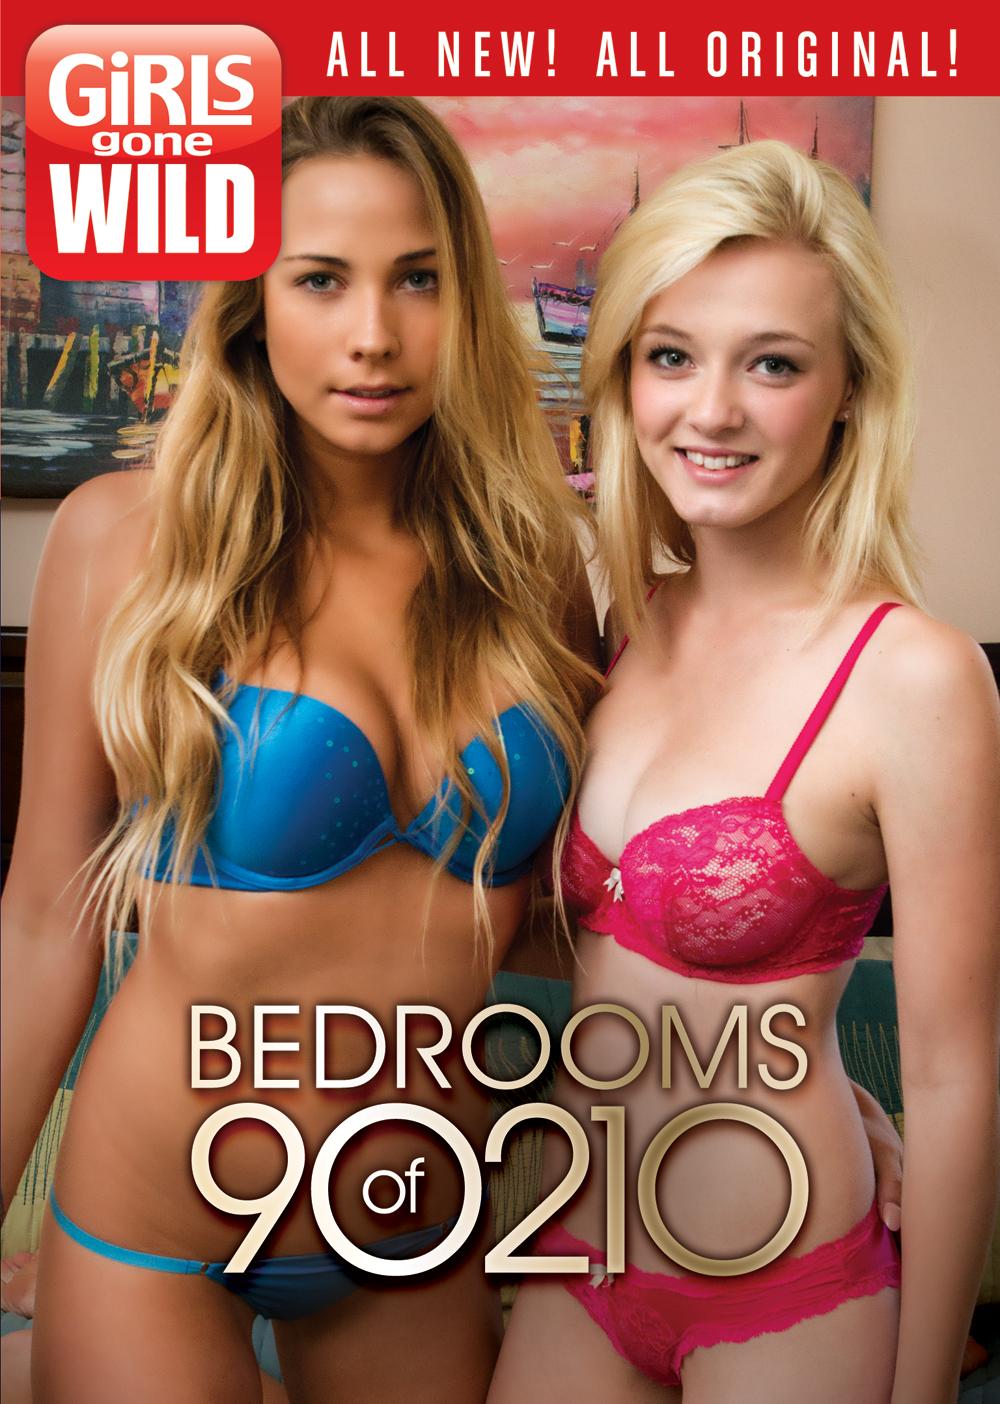 Girls Gone Wild Bedrooms Of 90210